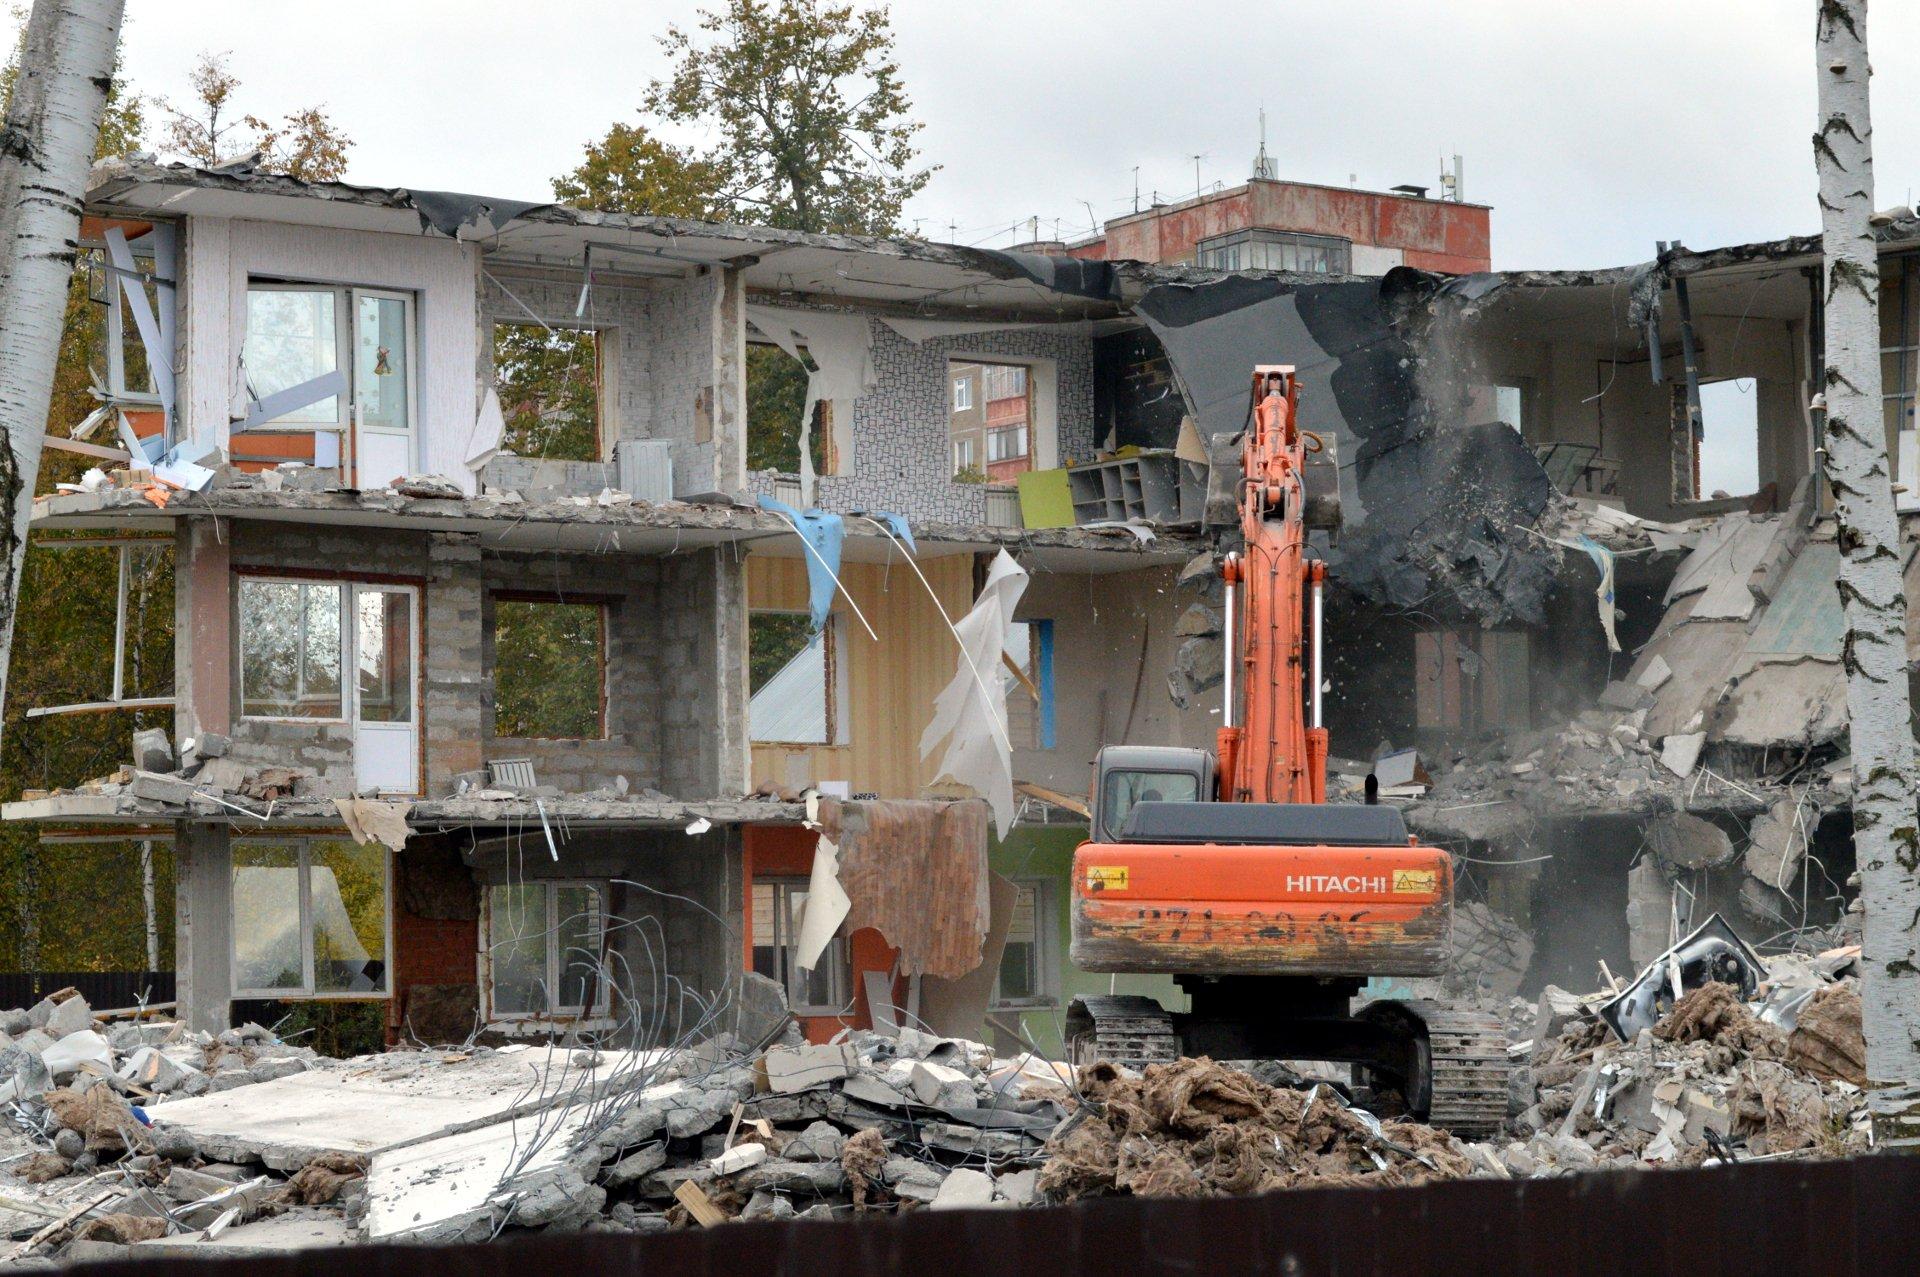 данный картинка разбитого дома очень давно